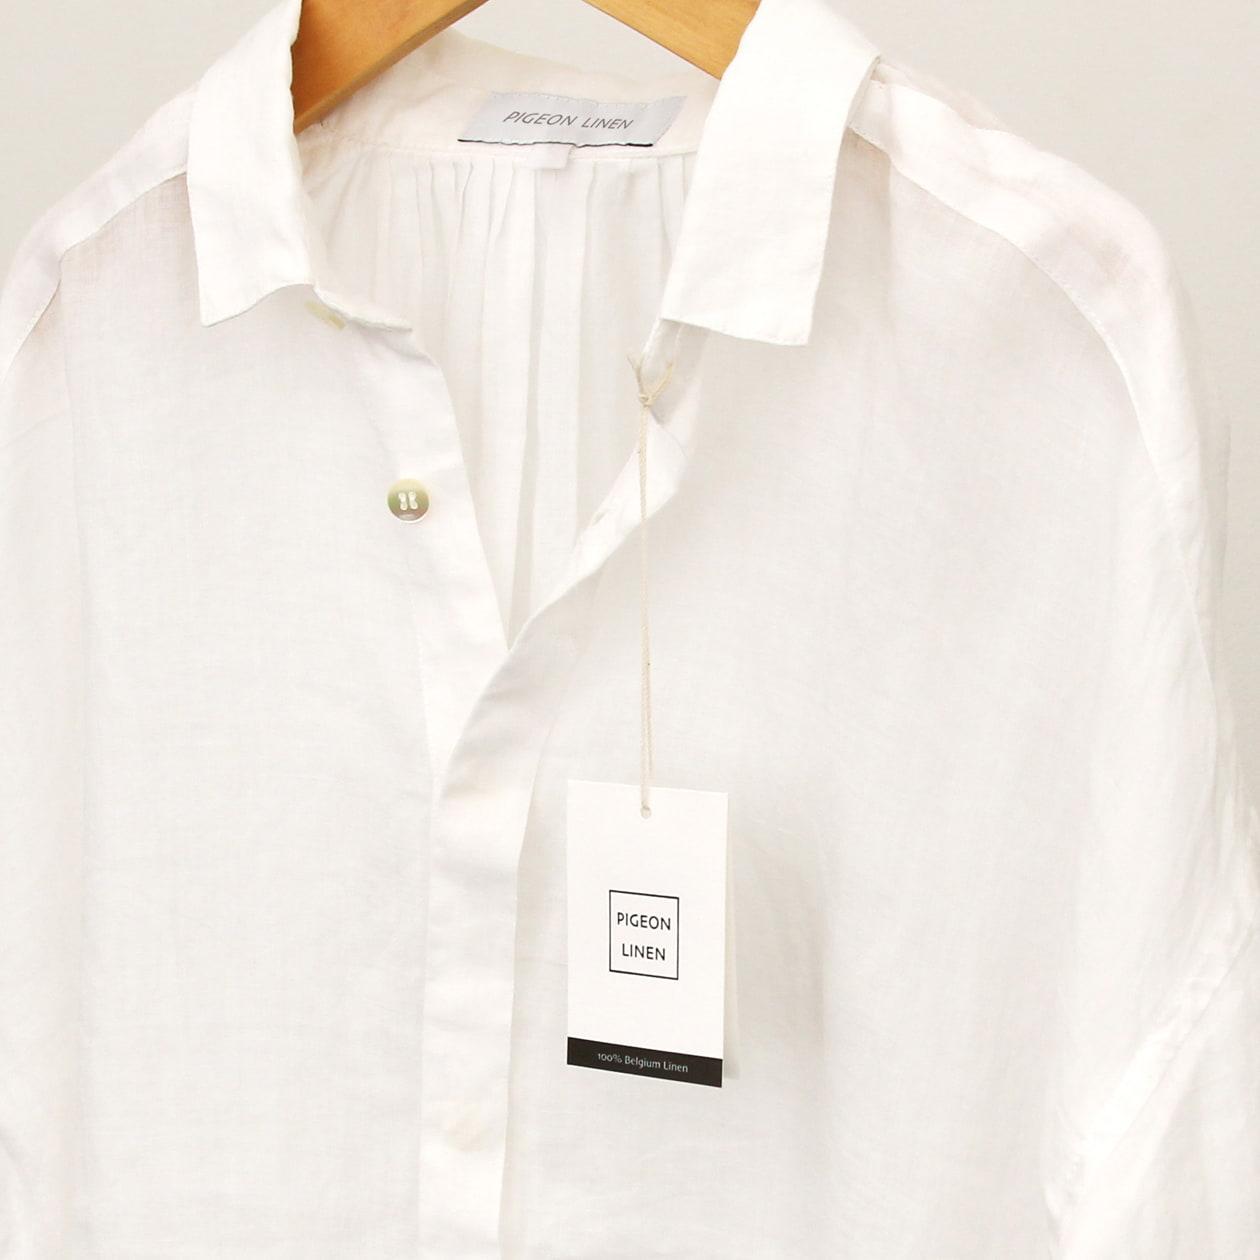 リネンシャツのブランドタグ